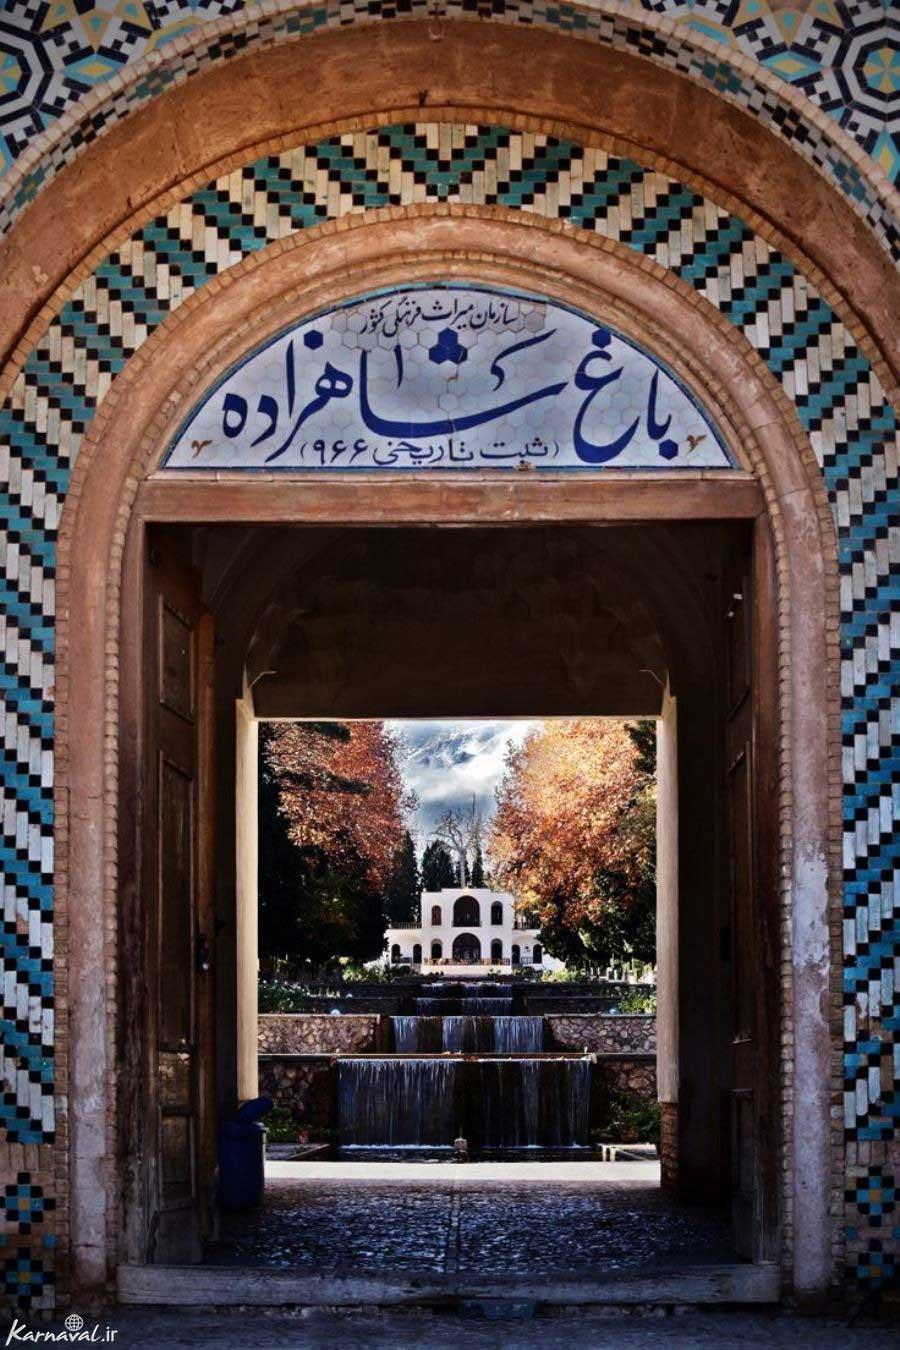 باغ شاهزاده ماهان؛ معجزه ای سبز در میان کویر کرمان